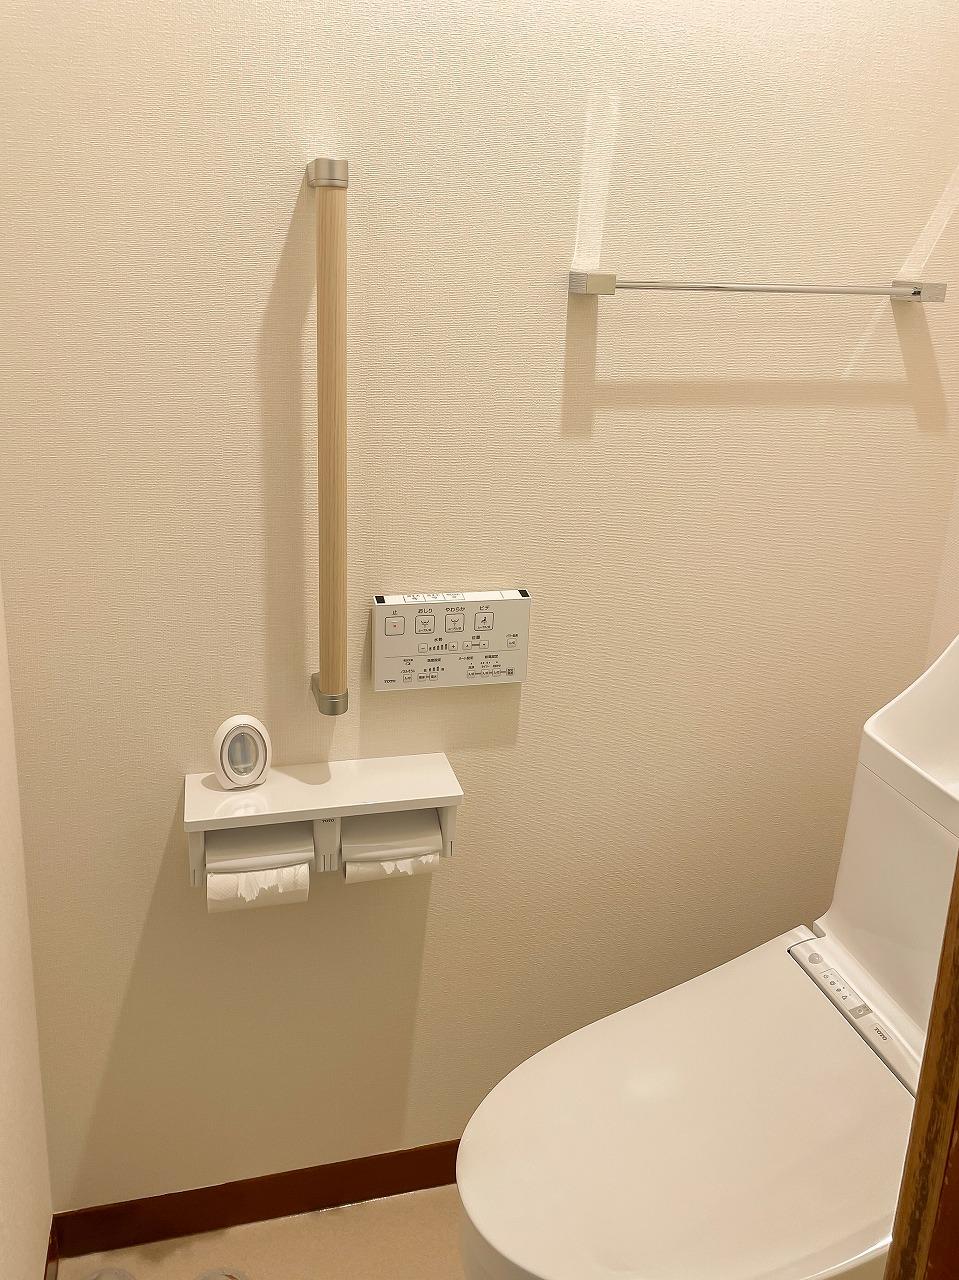 トイレ・紙巻き器・タオル掛けも新しく、今後のために手摺も取付